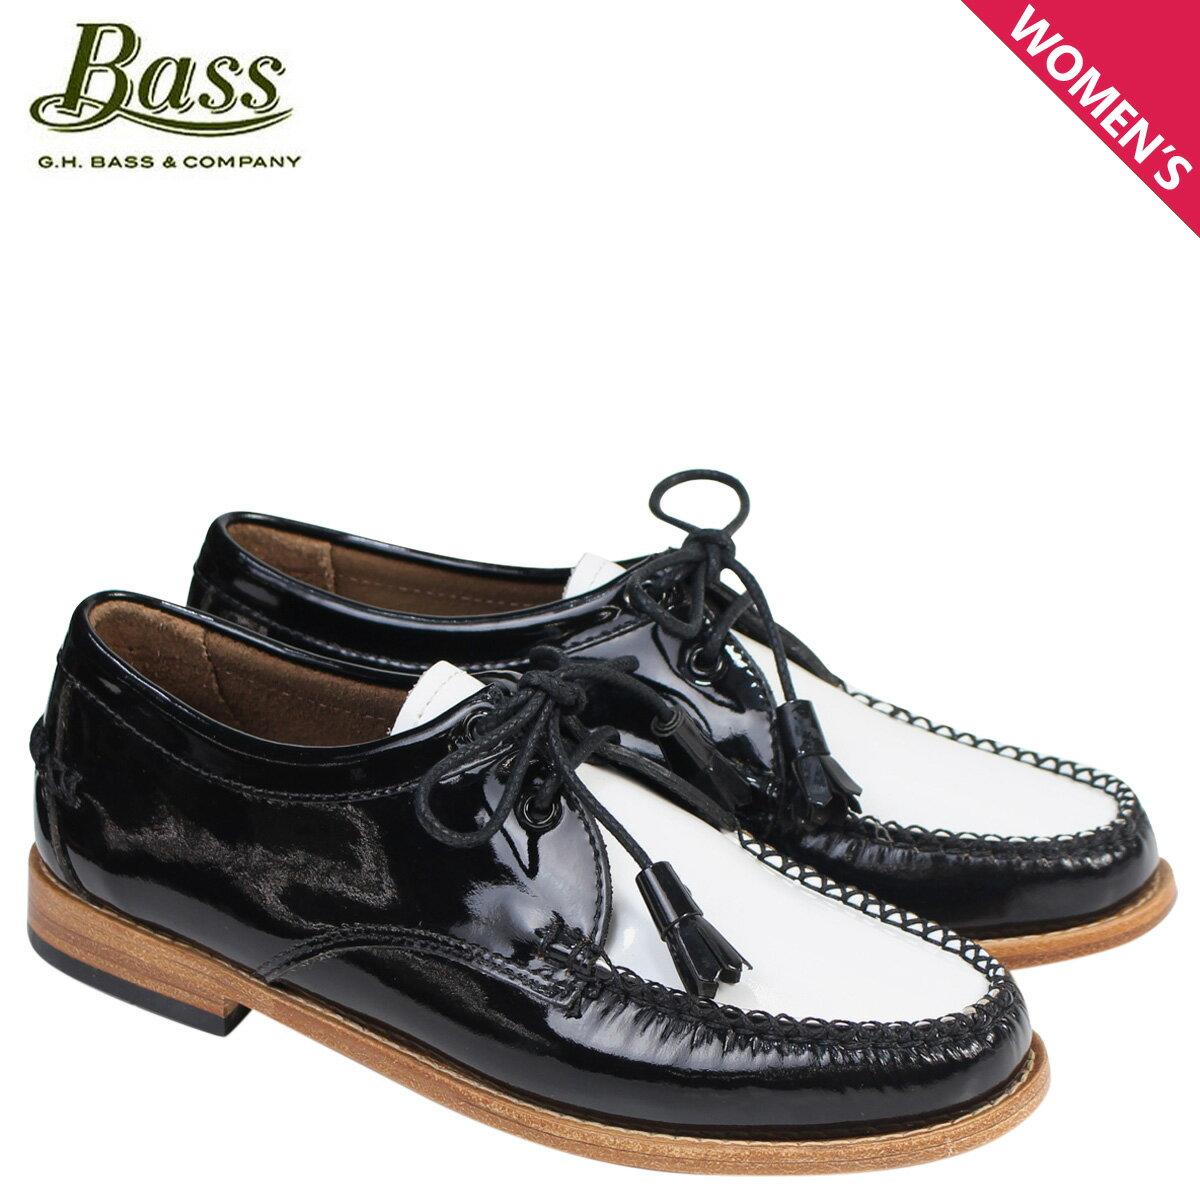 ジーエイチバス ローファー G.H. BASS レディース タッセル WINNIE TIE WEEJUNS 71-22465 靴 ブラック ホワイト [177]